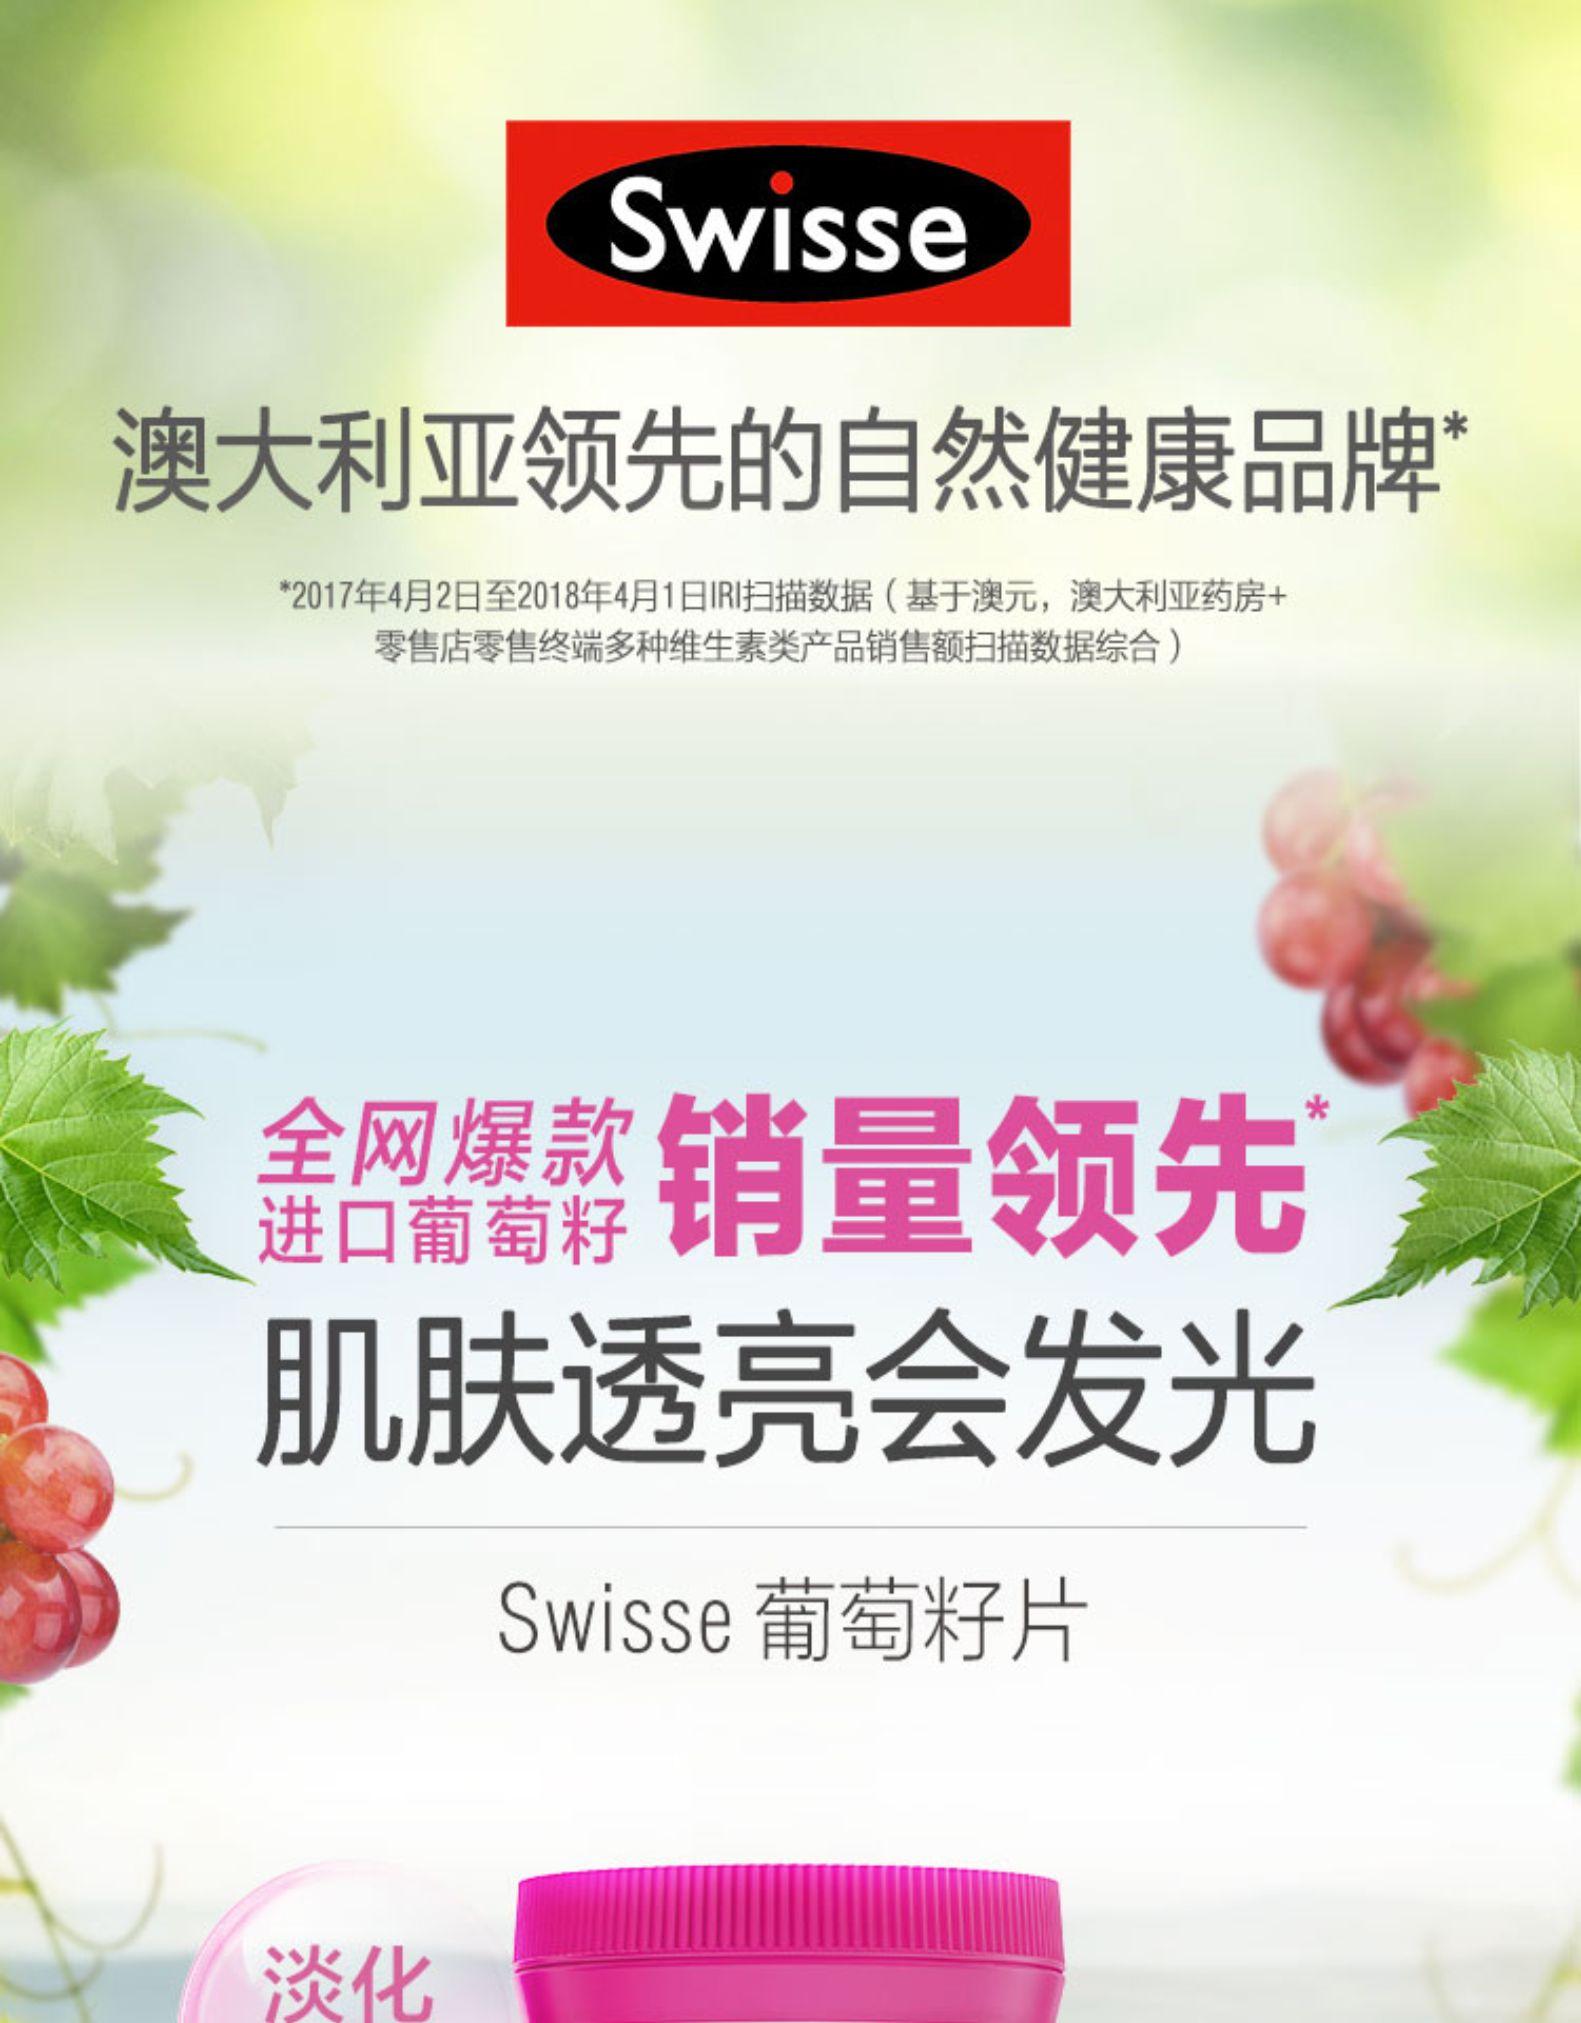 【推荐】澳洲进口Swisse斯维诗葡萄籽片180粒 抗氧化 我们的产品 第5张